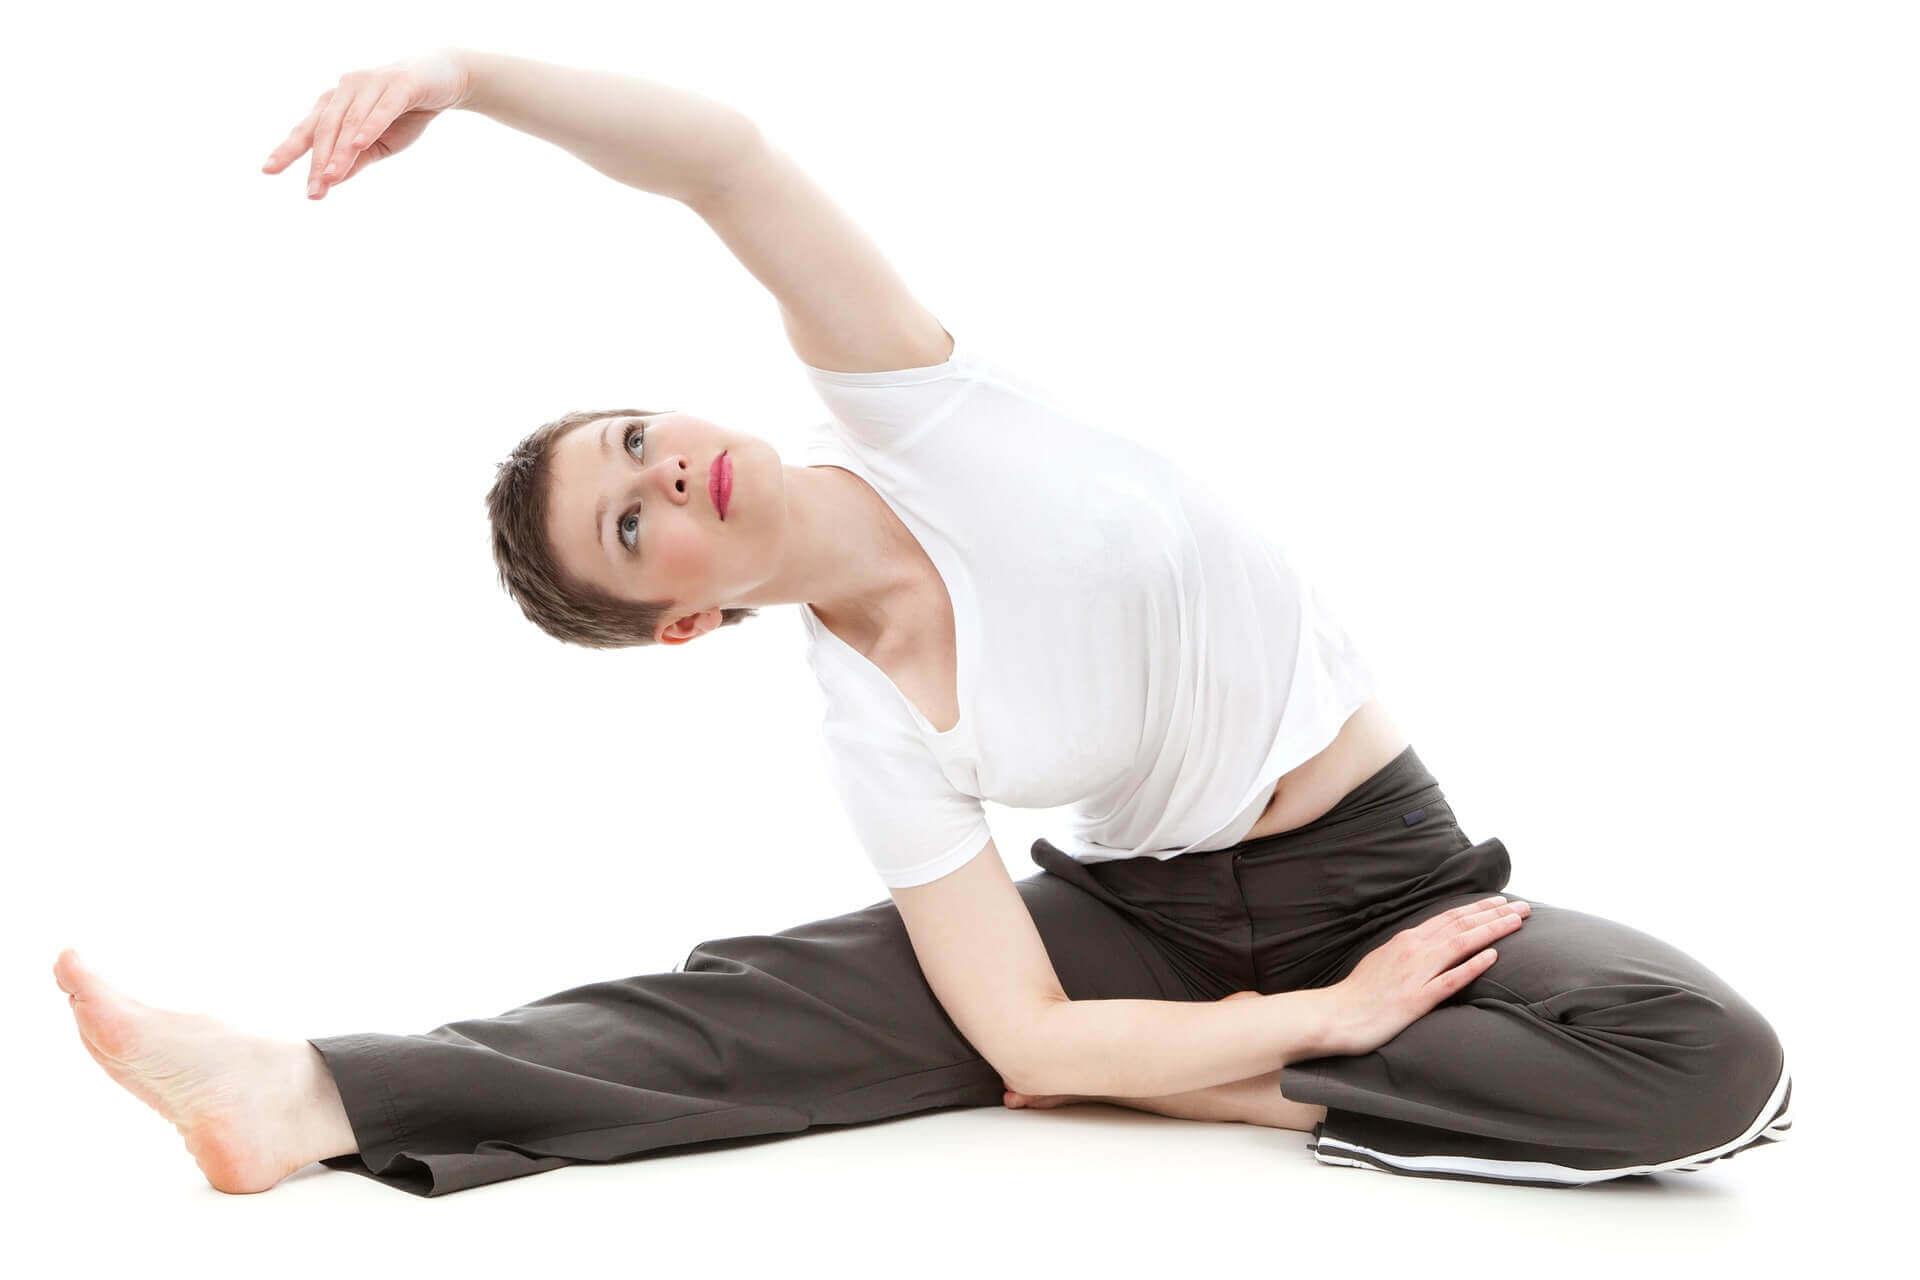 ダンスの前にストレッチをする女性